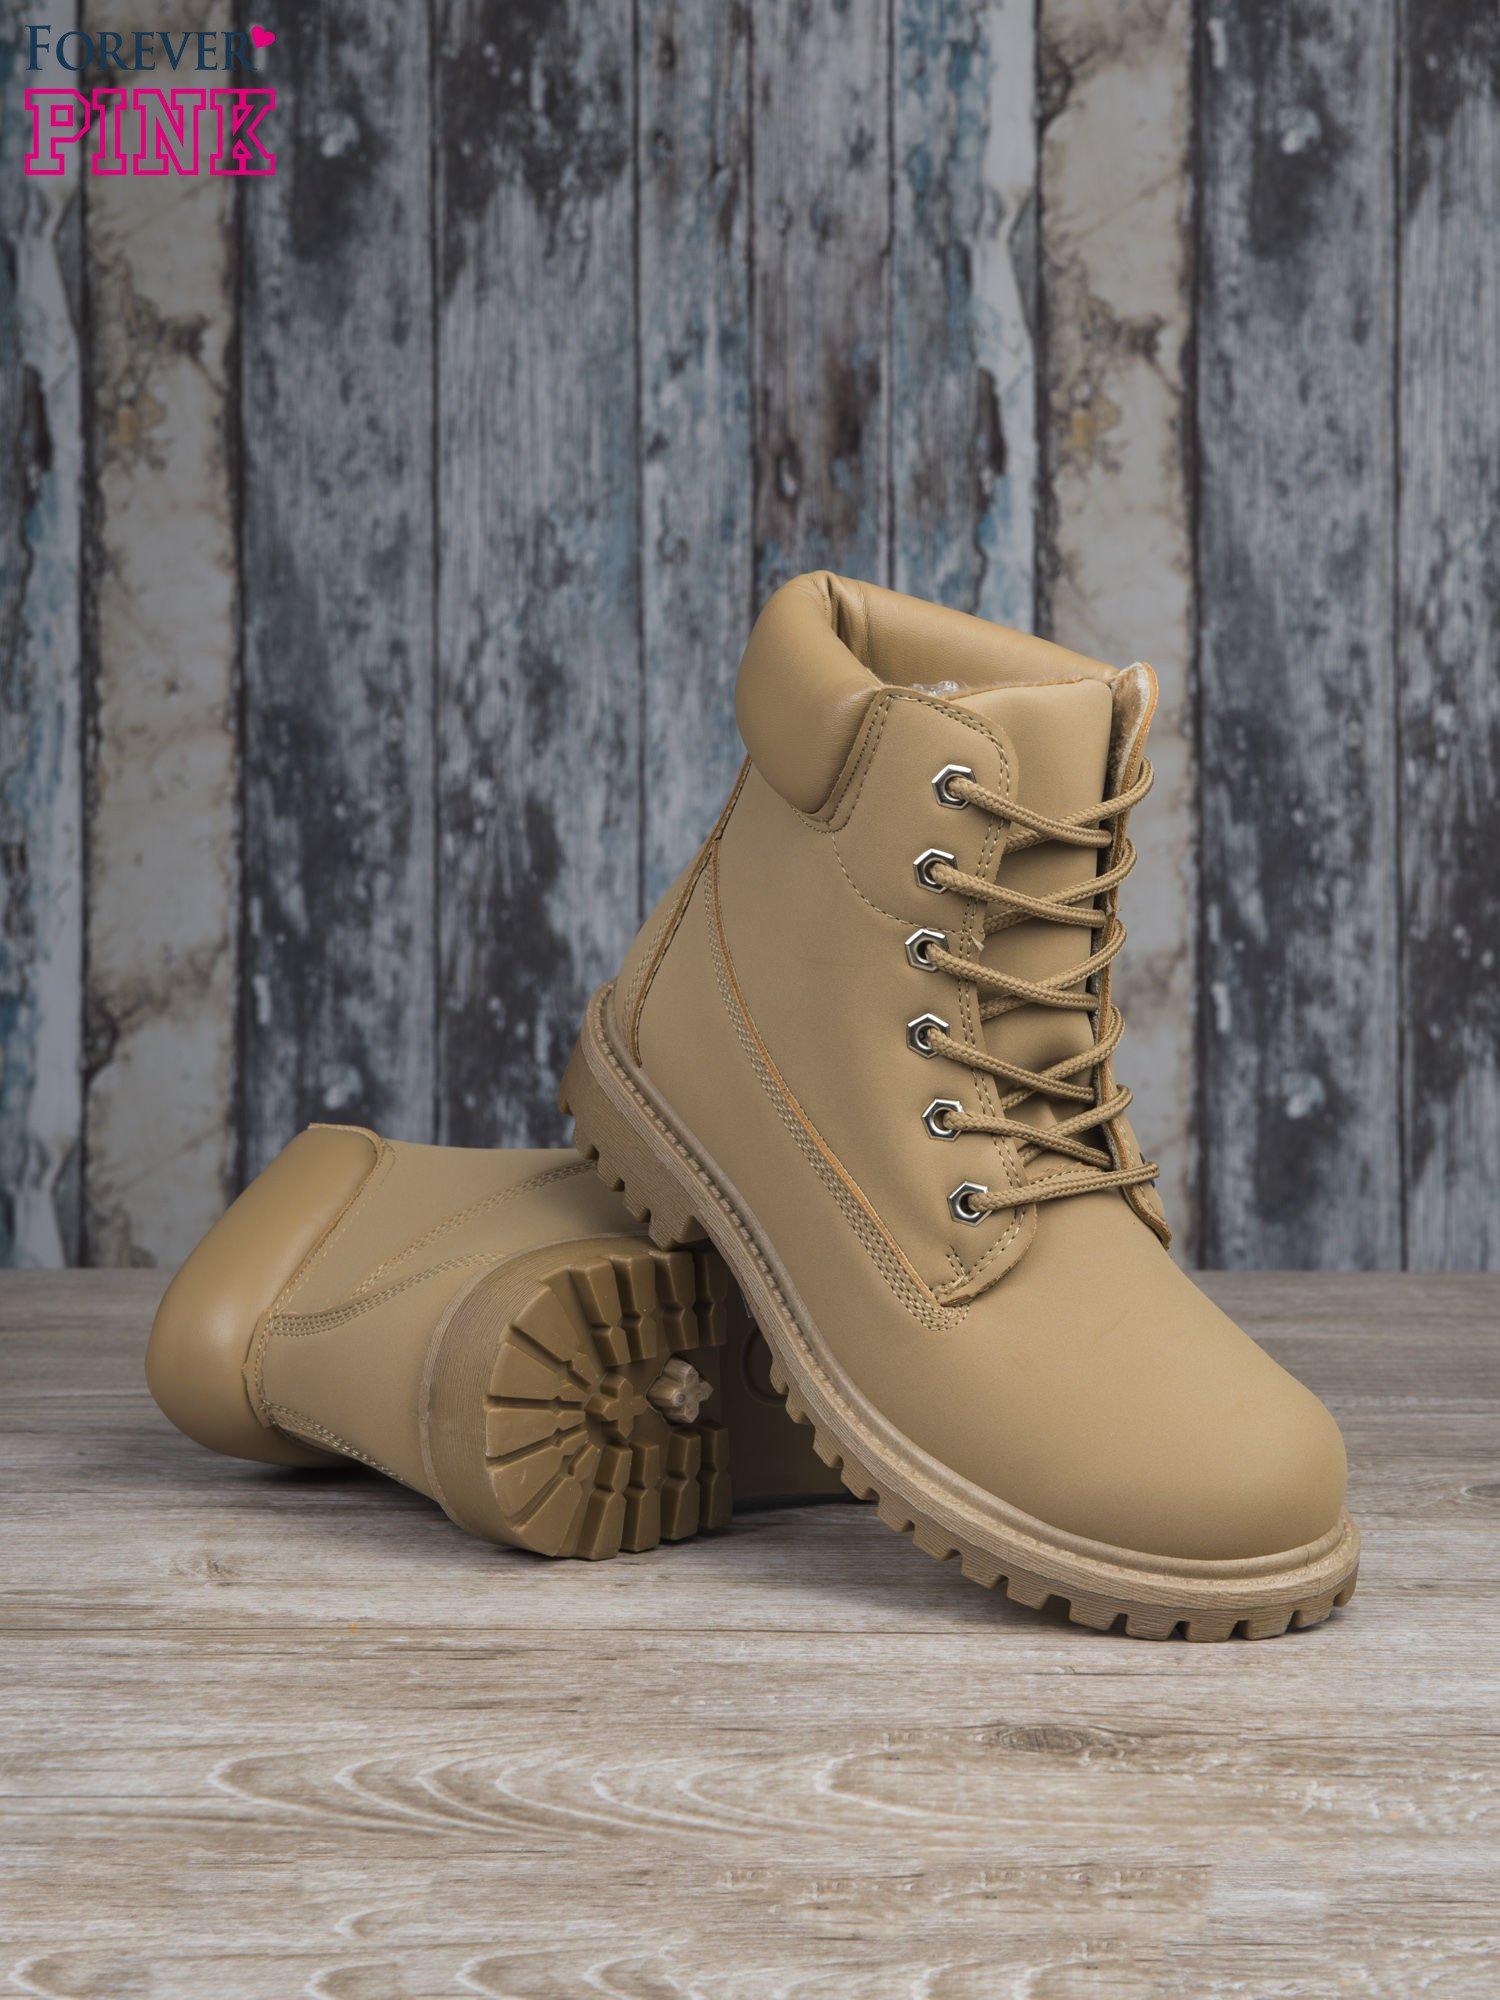 Beżowe buty trekkingowe damskie Amina traperki ocieplane                                  zdj.                                  4